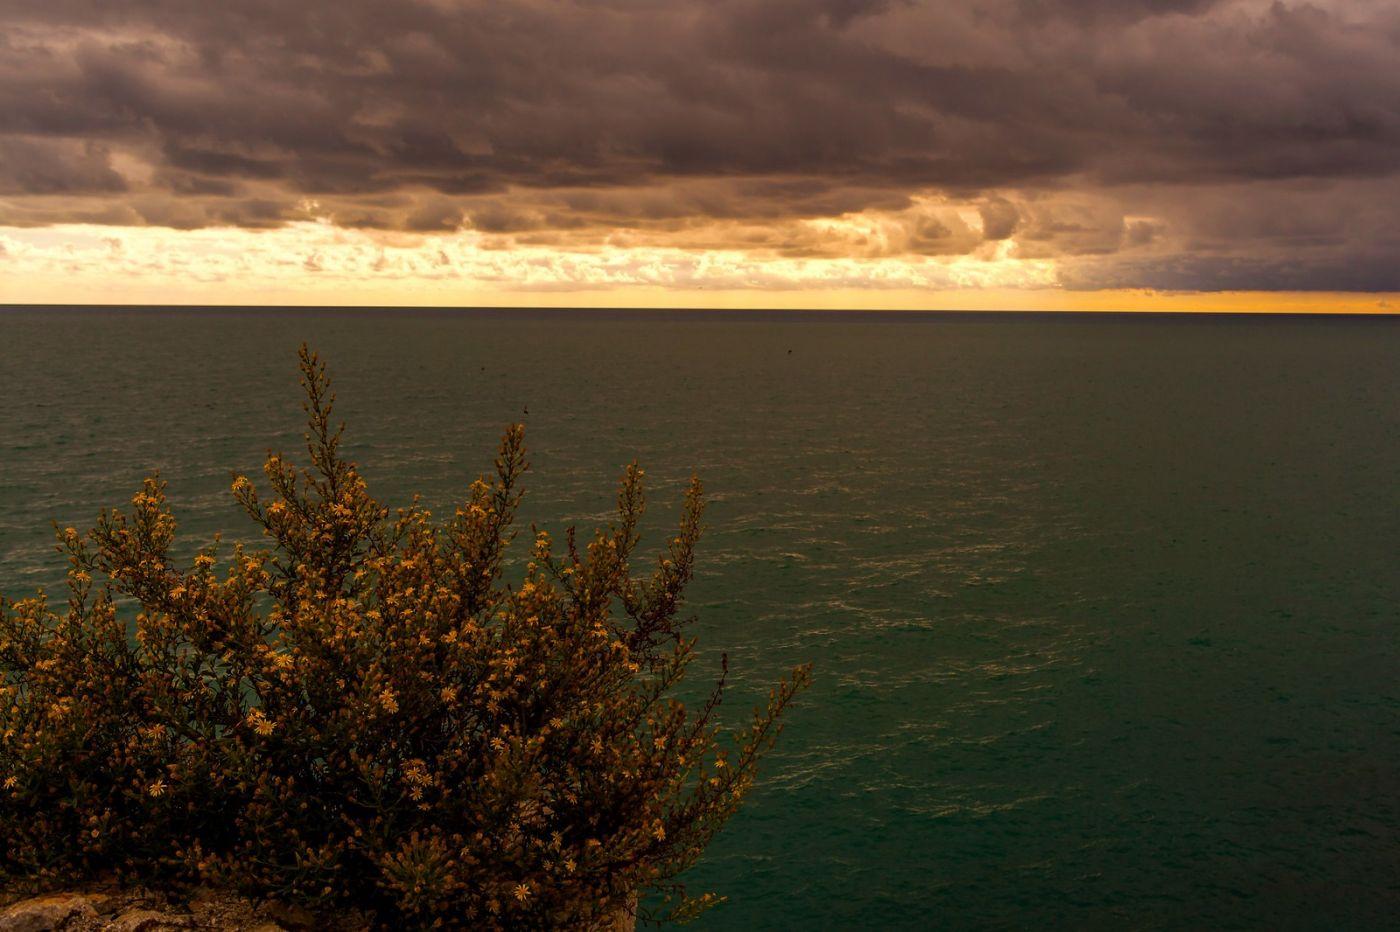 西班牙佩尼伊斯科拉(Peniscola),海边的景色令人神往_图1-9